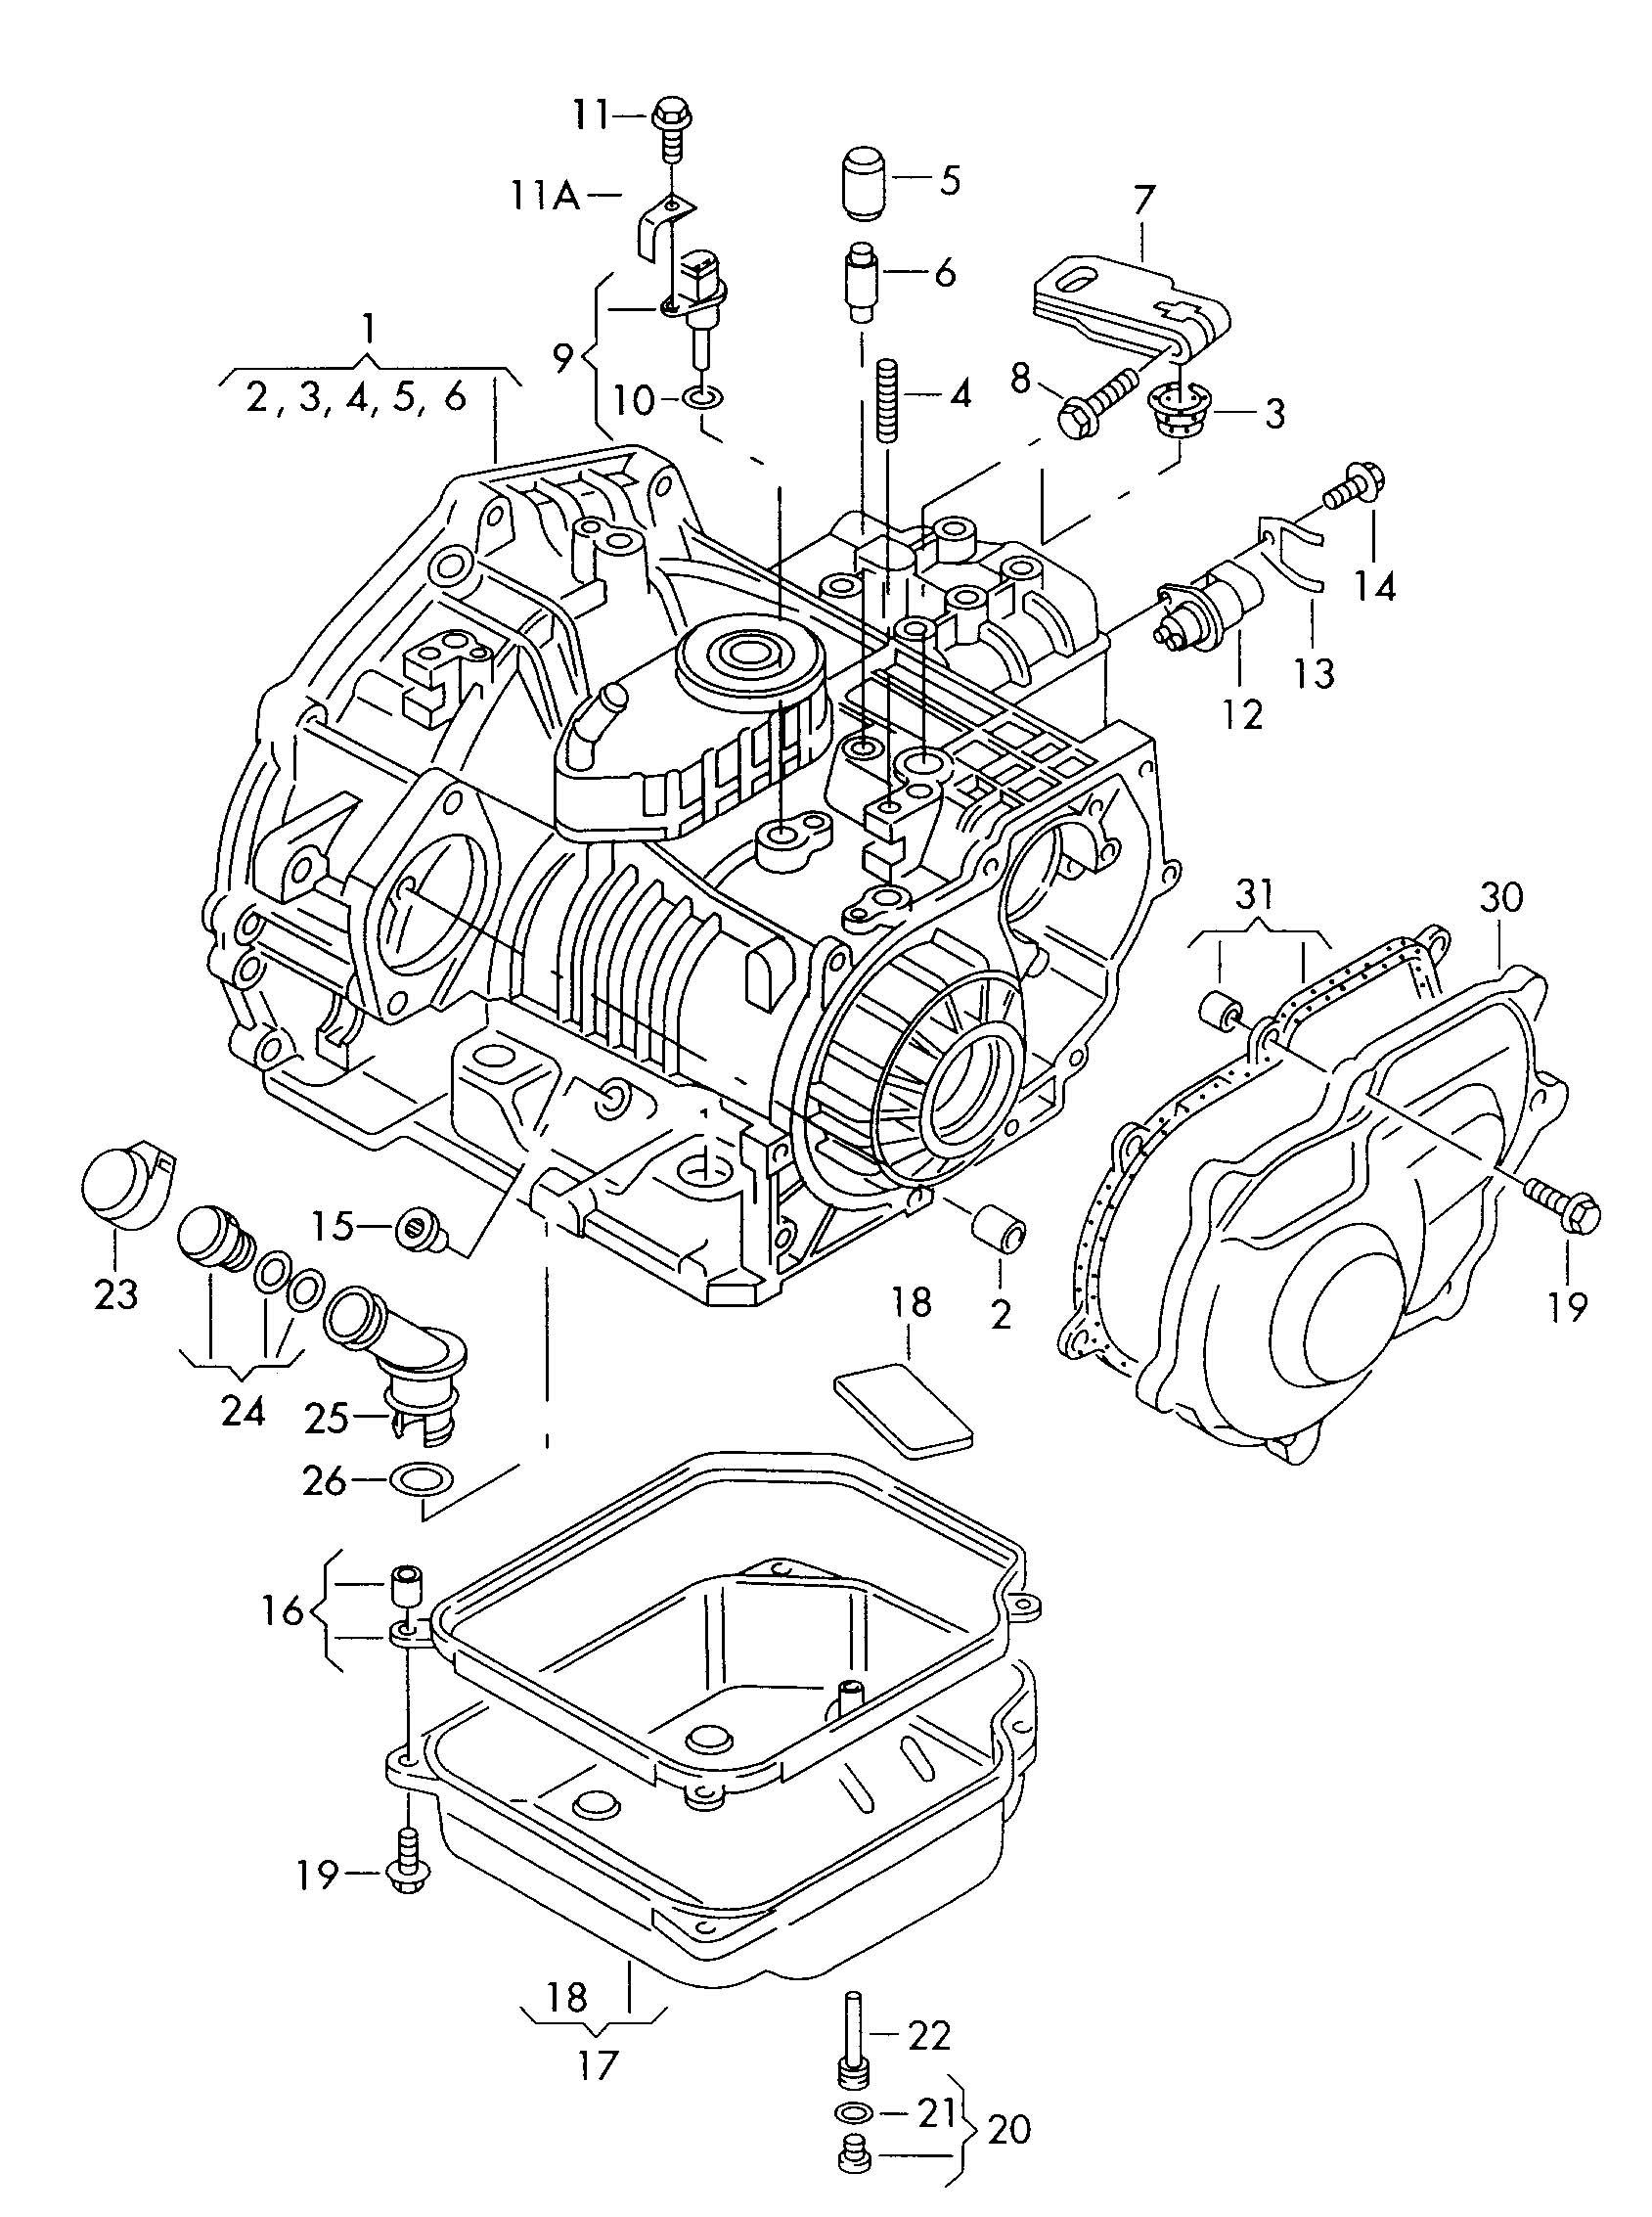 Volkswagen Cabrio/Cabriolet 2.0L Oil pan. OIL SUMP